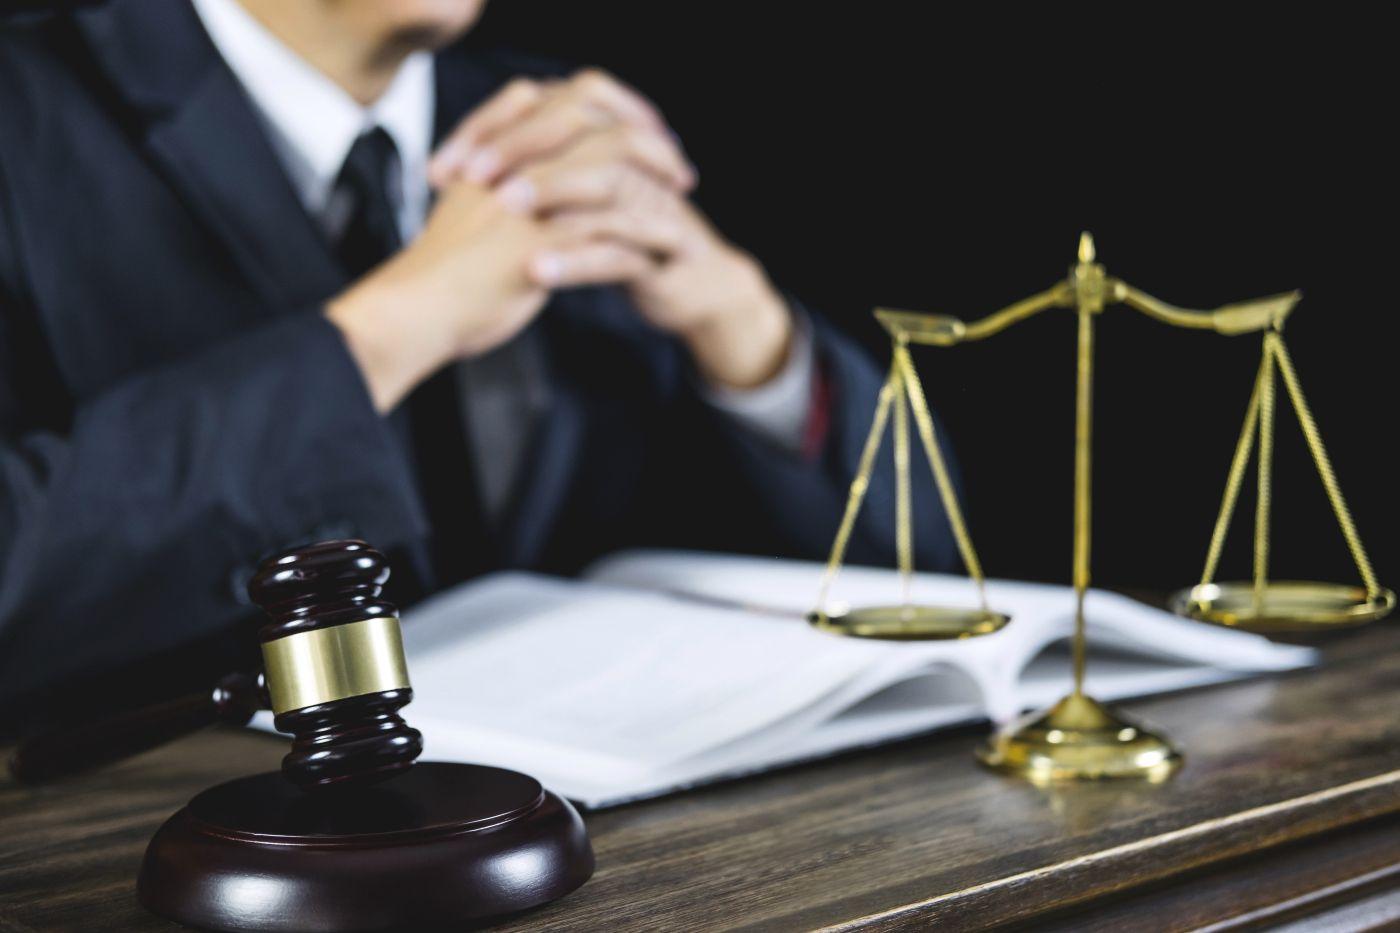 Обратную силу закона имеет уголовный закон который